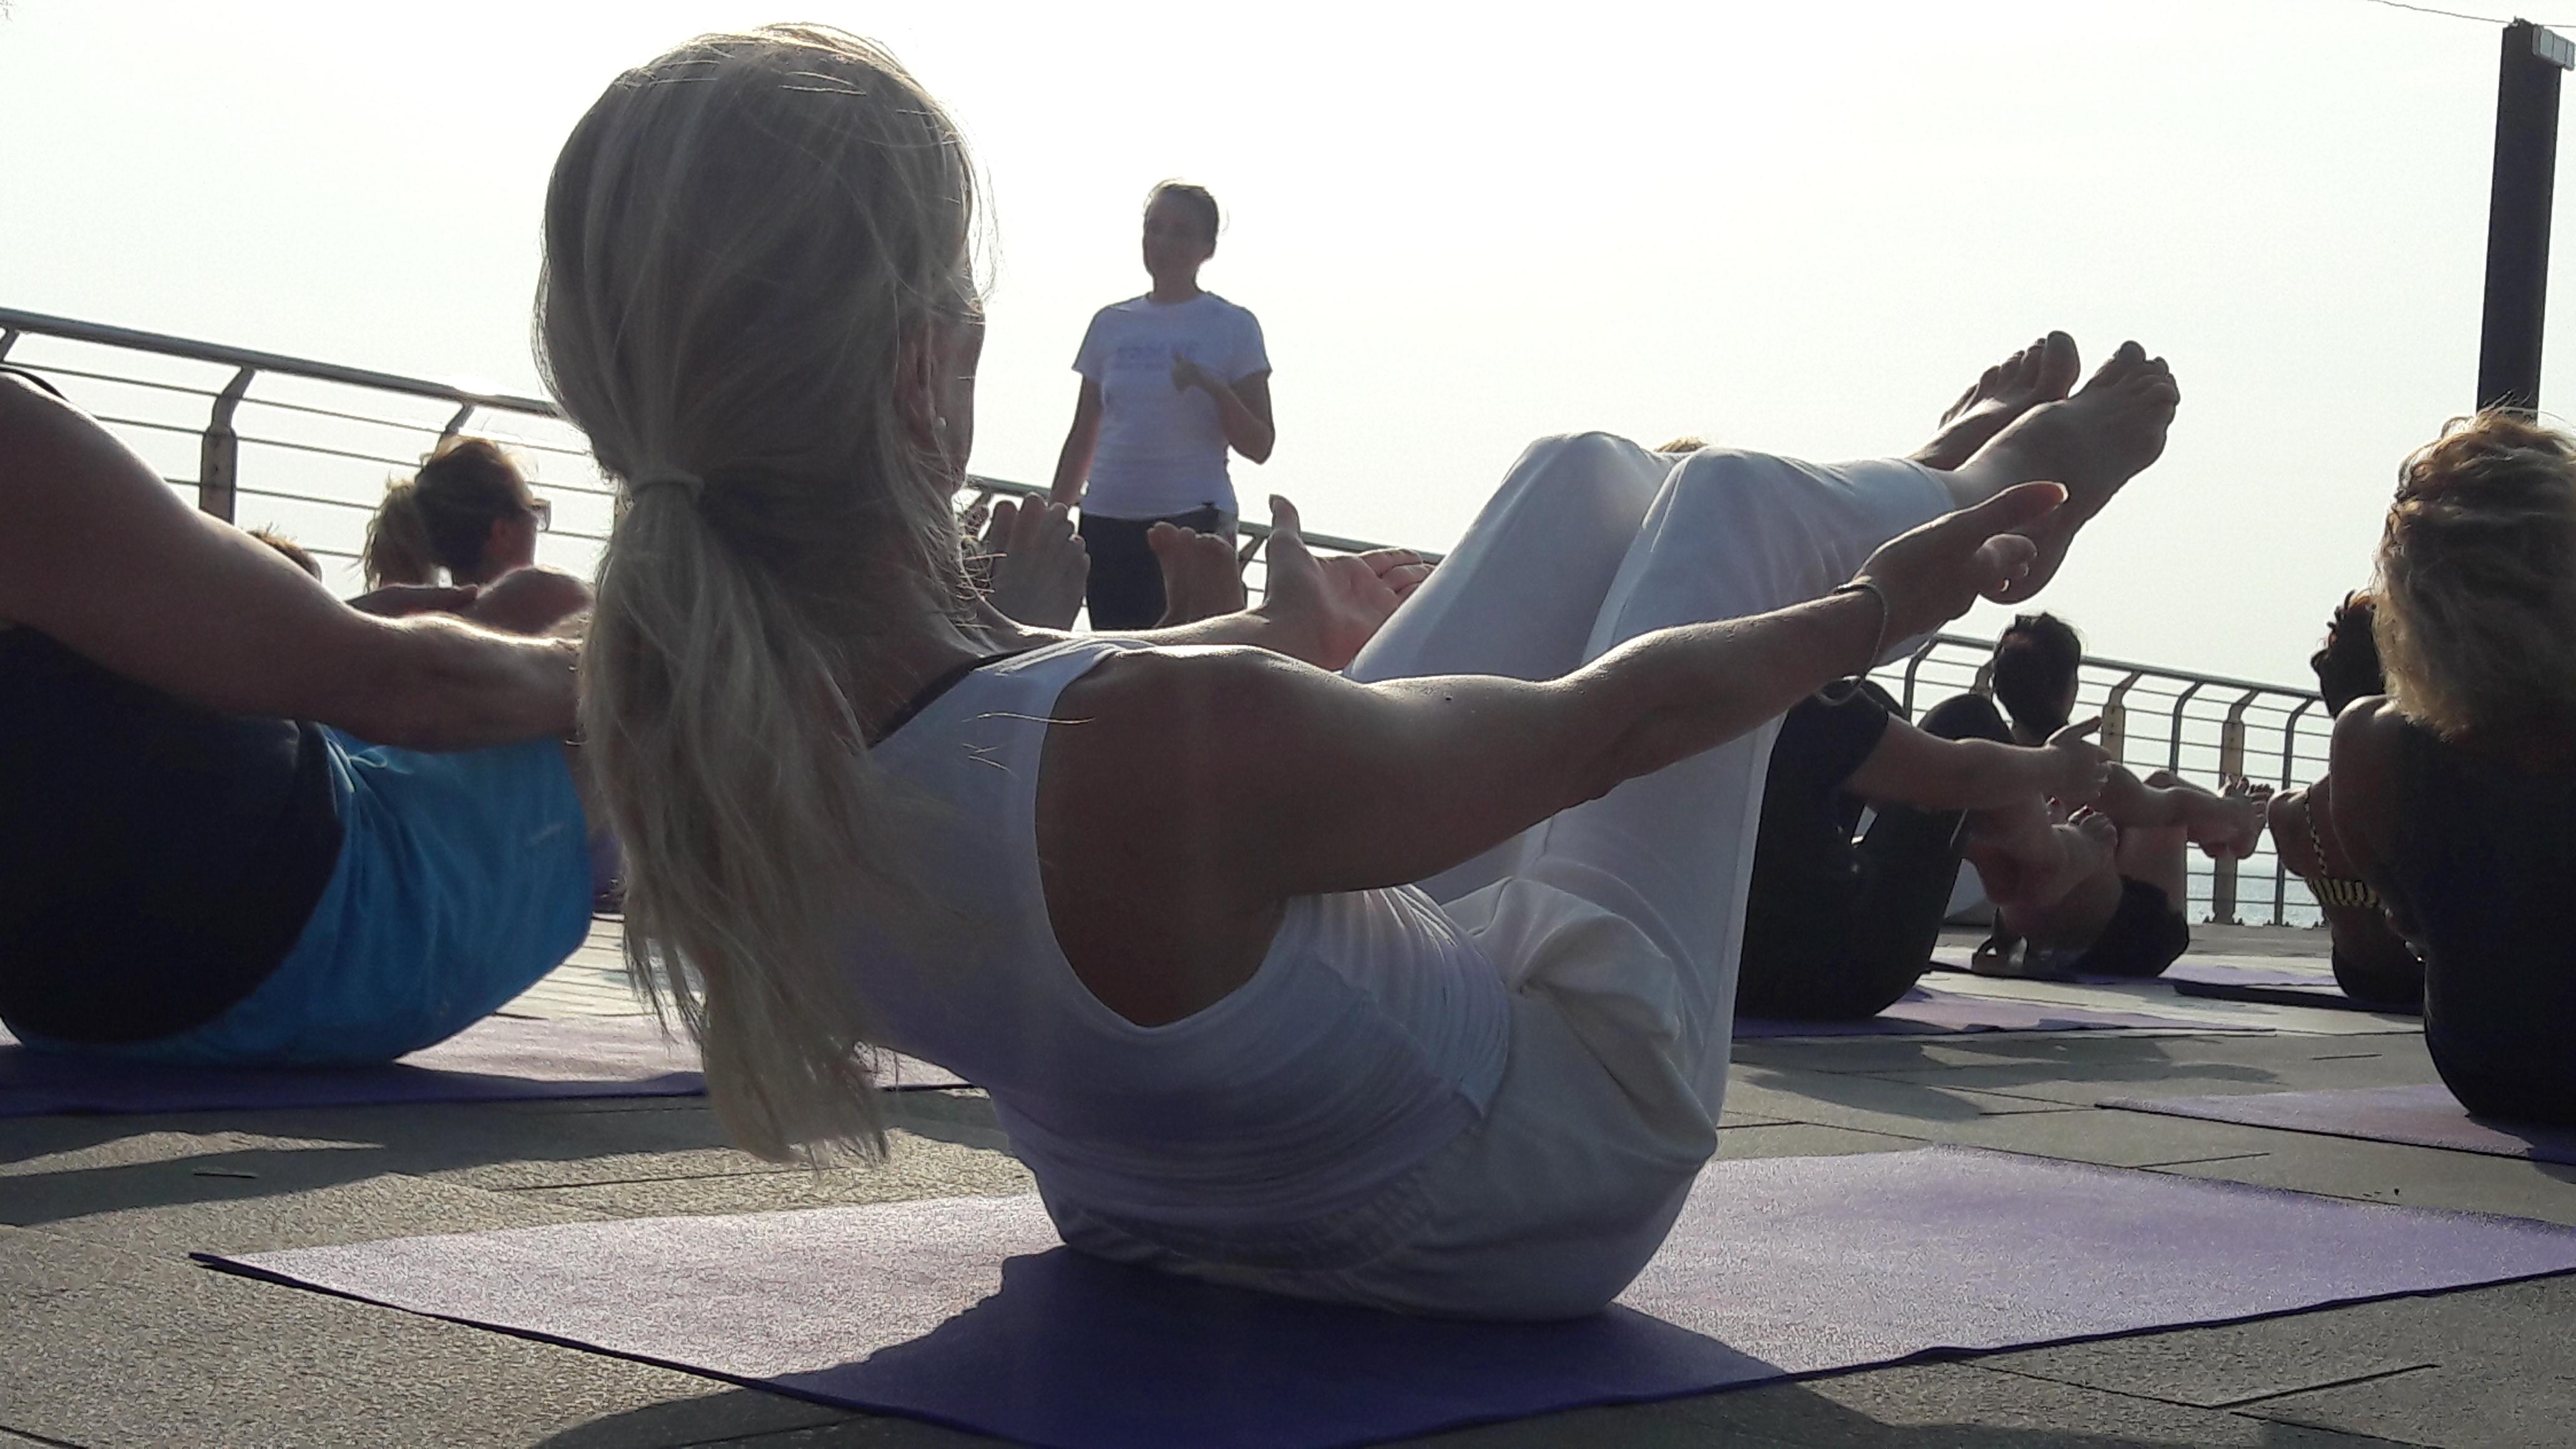 essere-free-yoga-gratuito-benessere-per-tutti-village-citta-alassio-estate-lucia-ragazzi-summer-town-wellness-100